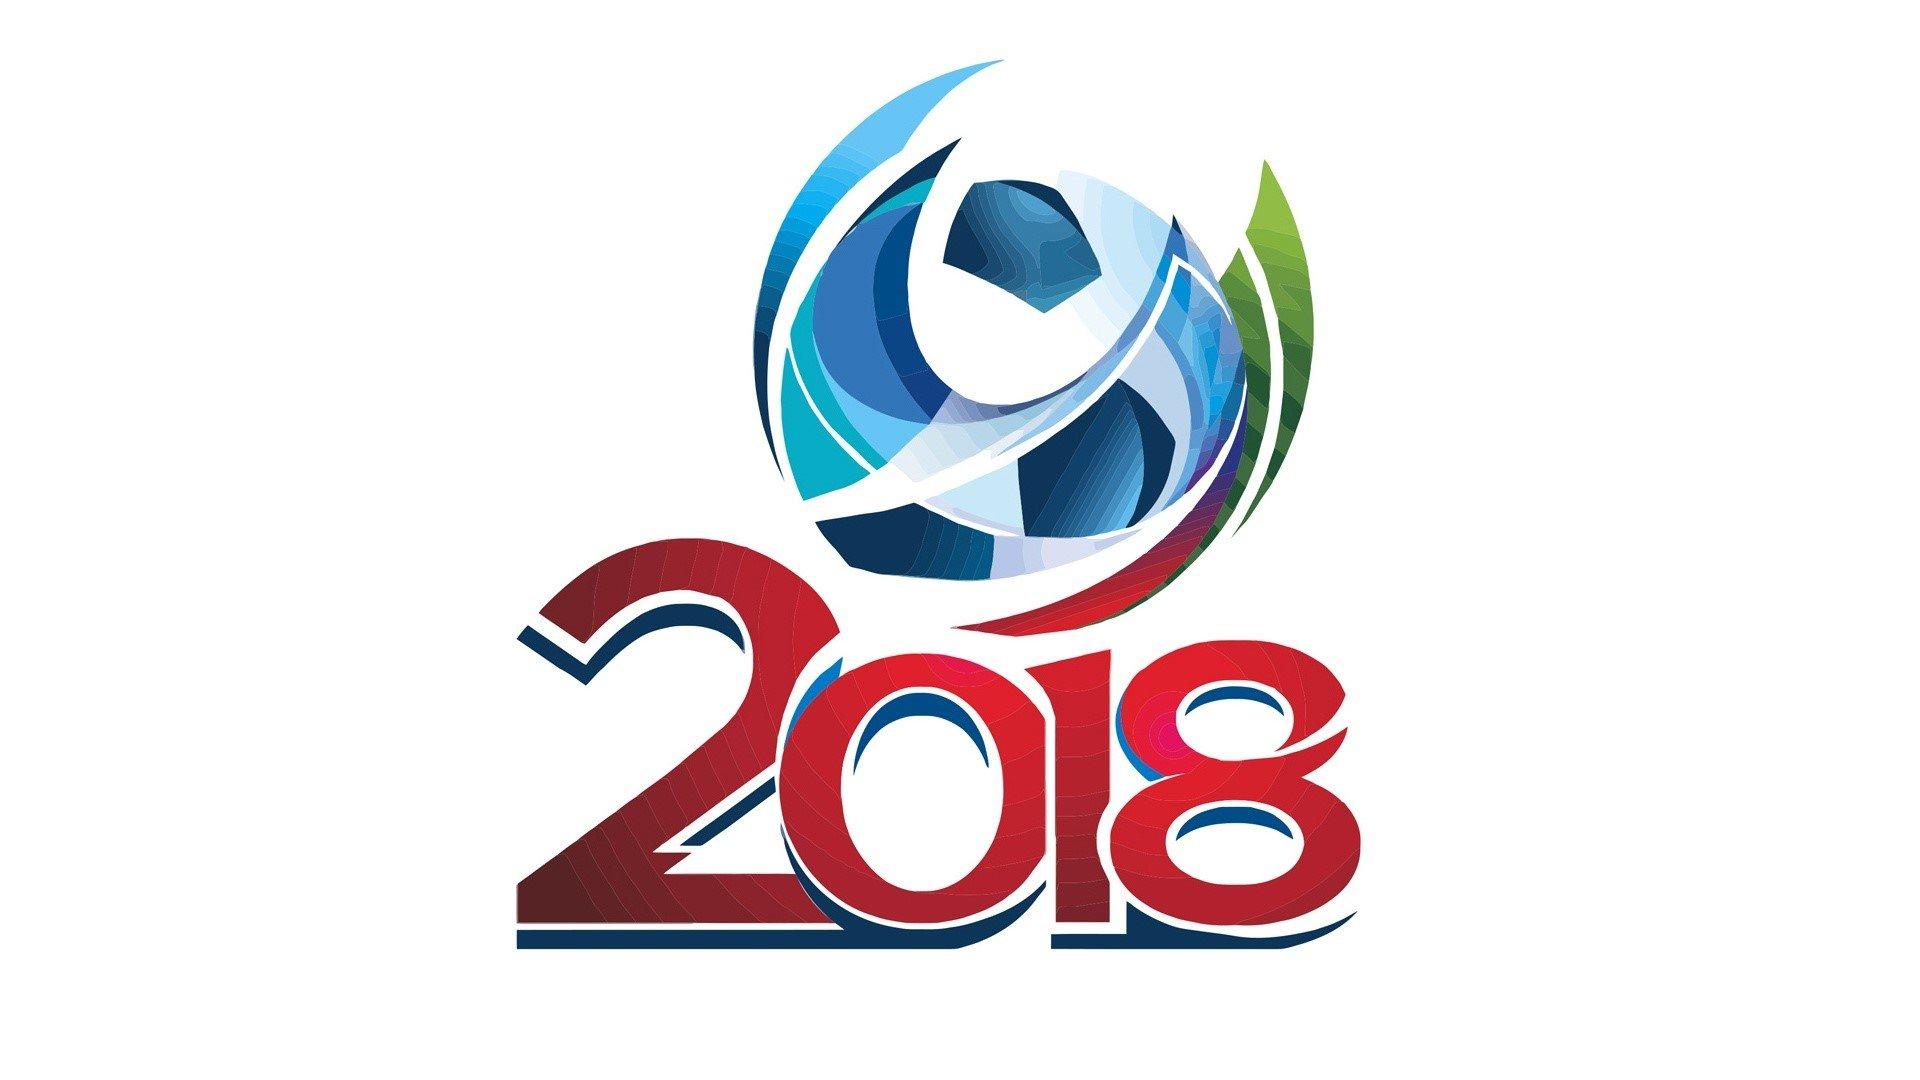 Fondos de pantalla Copa mundial 2018